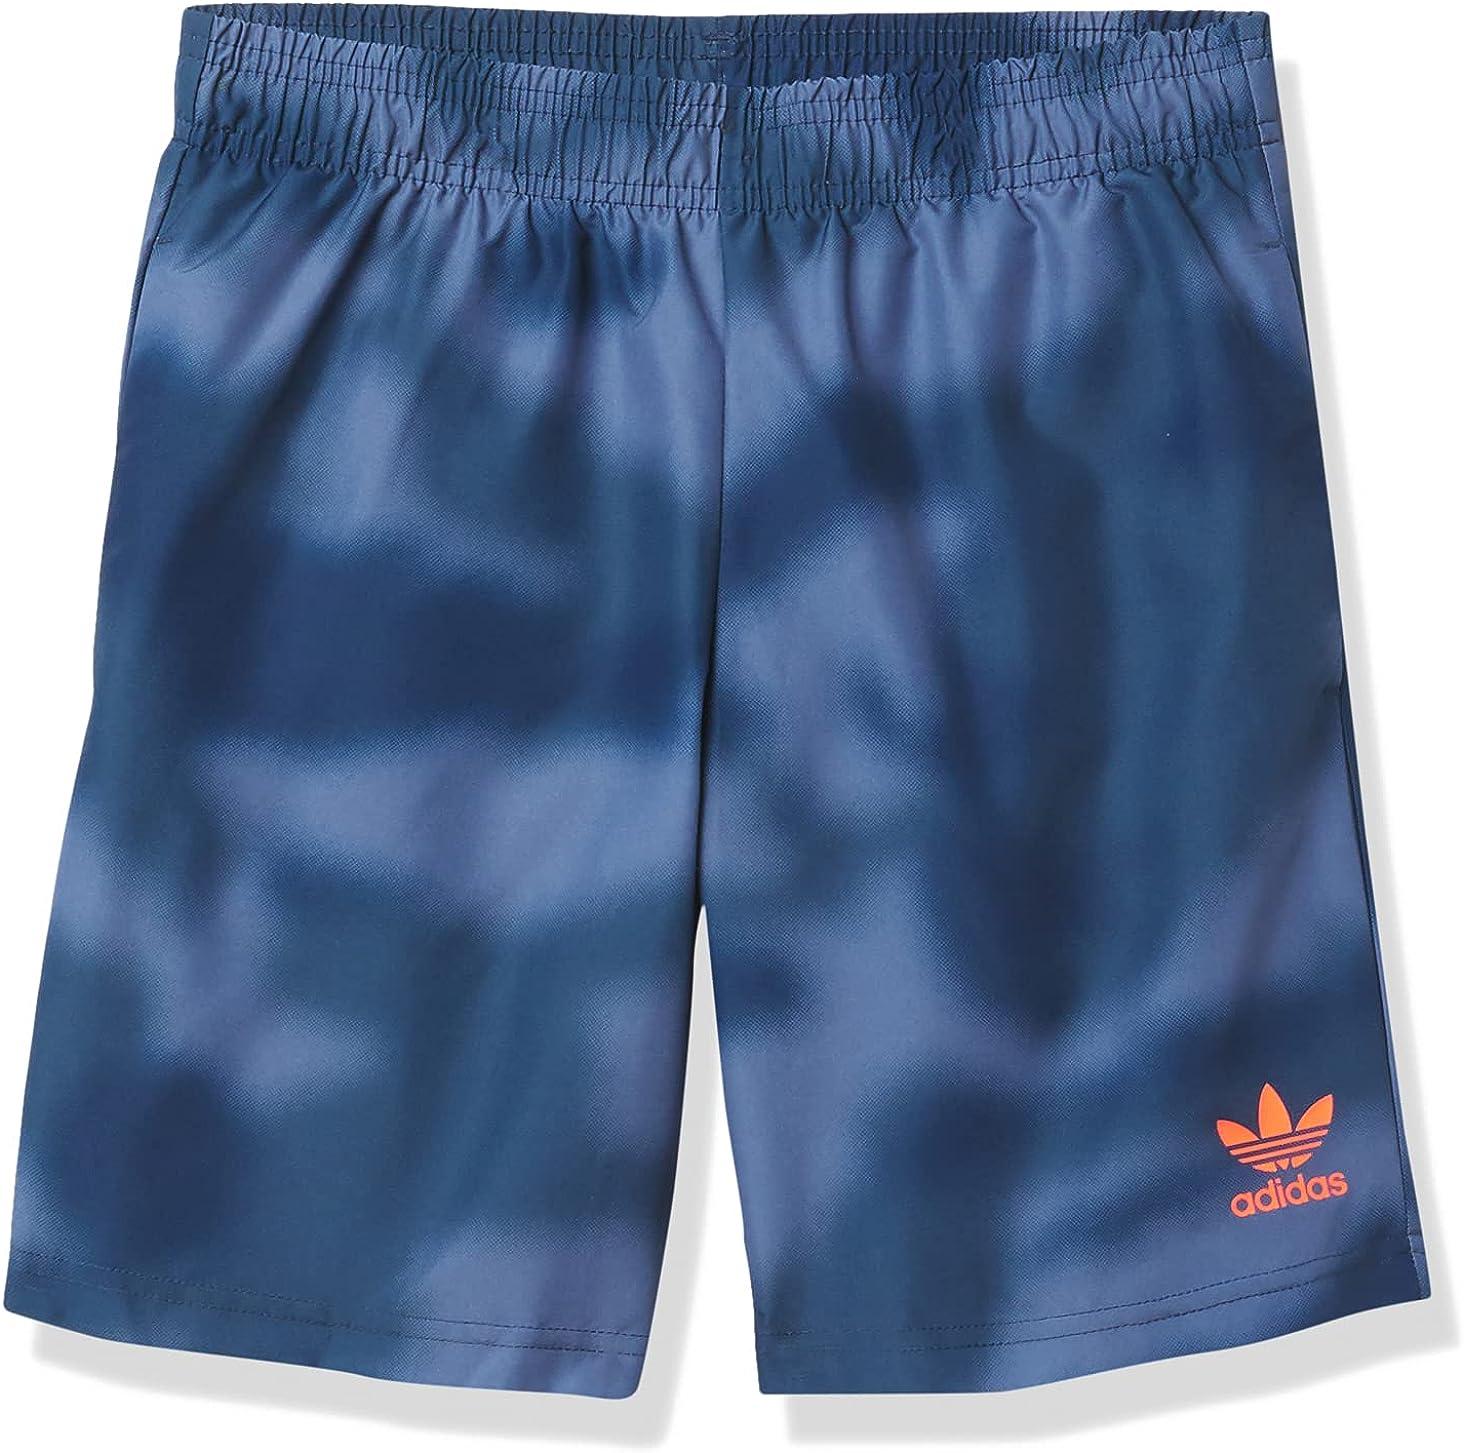 adidas Originals Unisex-Youth Swim Short